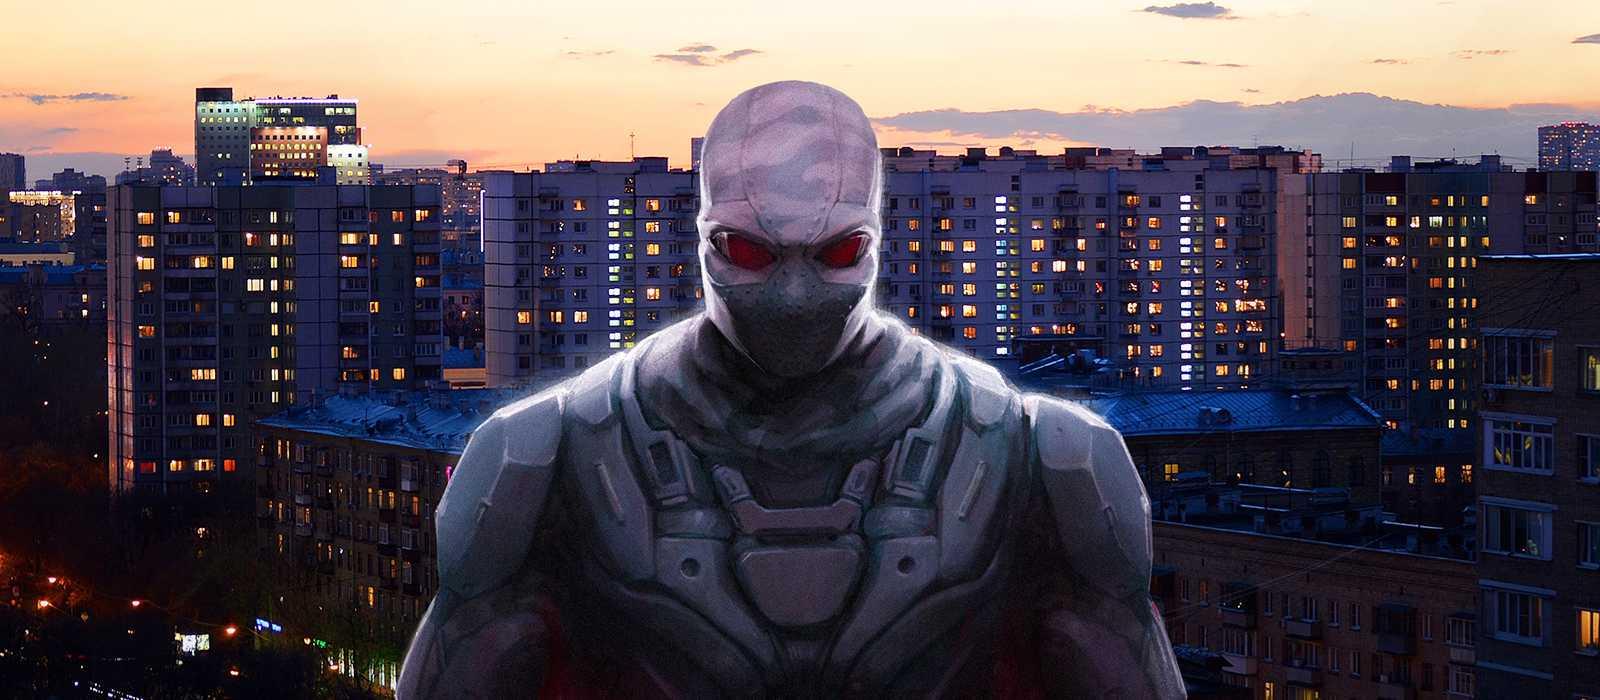 Steam hat ein neues Spiel über Russland mit Anomalien und einer offenen Welt veröffentlicht